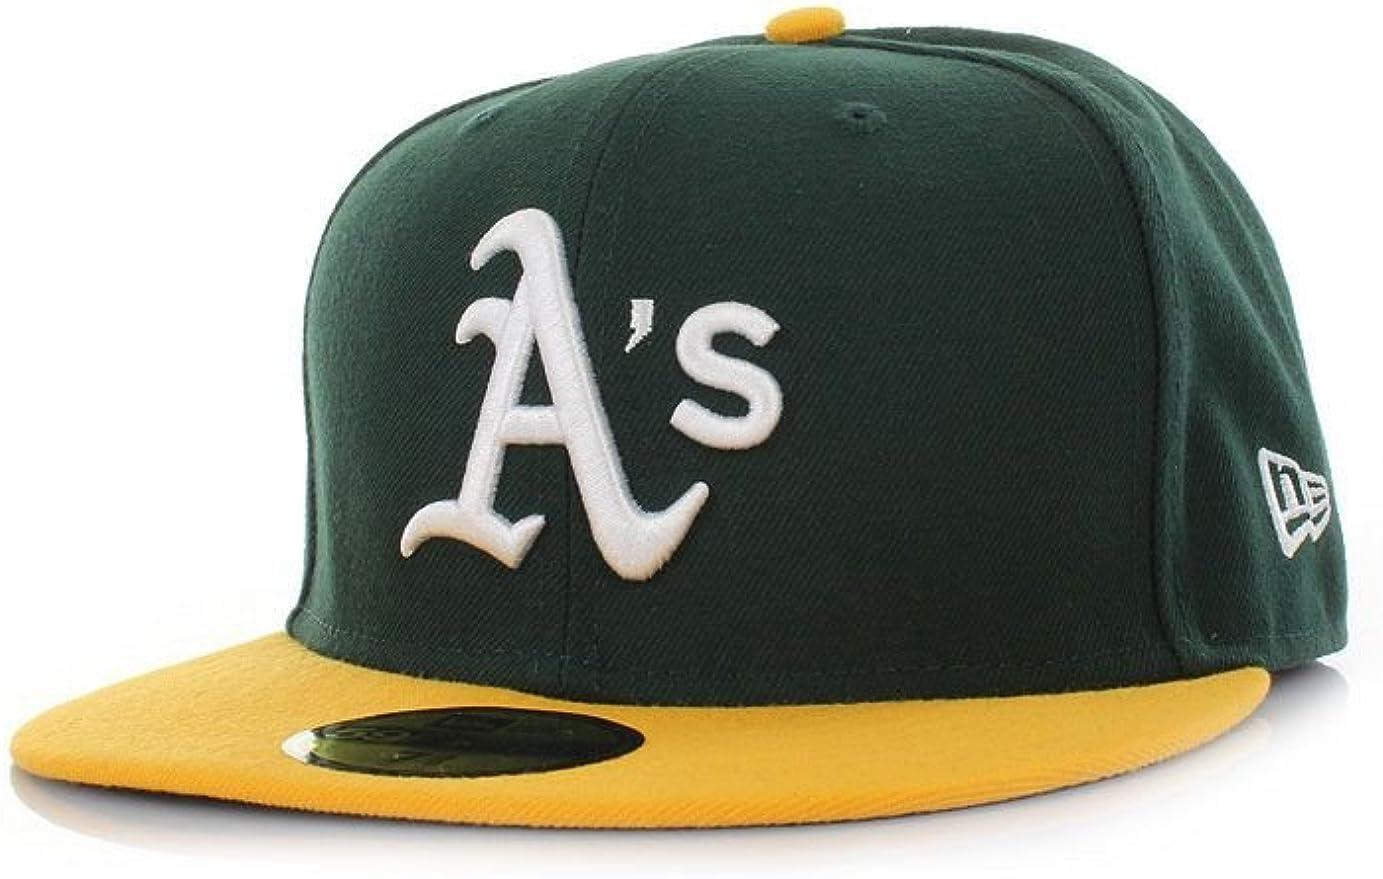 A NEW ERA 5950 Tsf Oakland Athletics Hm Gorra, Hombre: Amazon.es ...